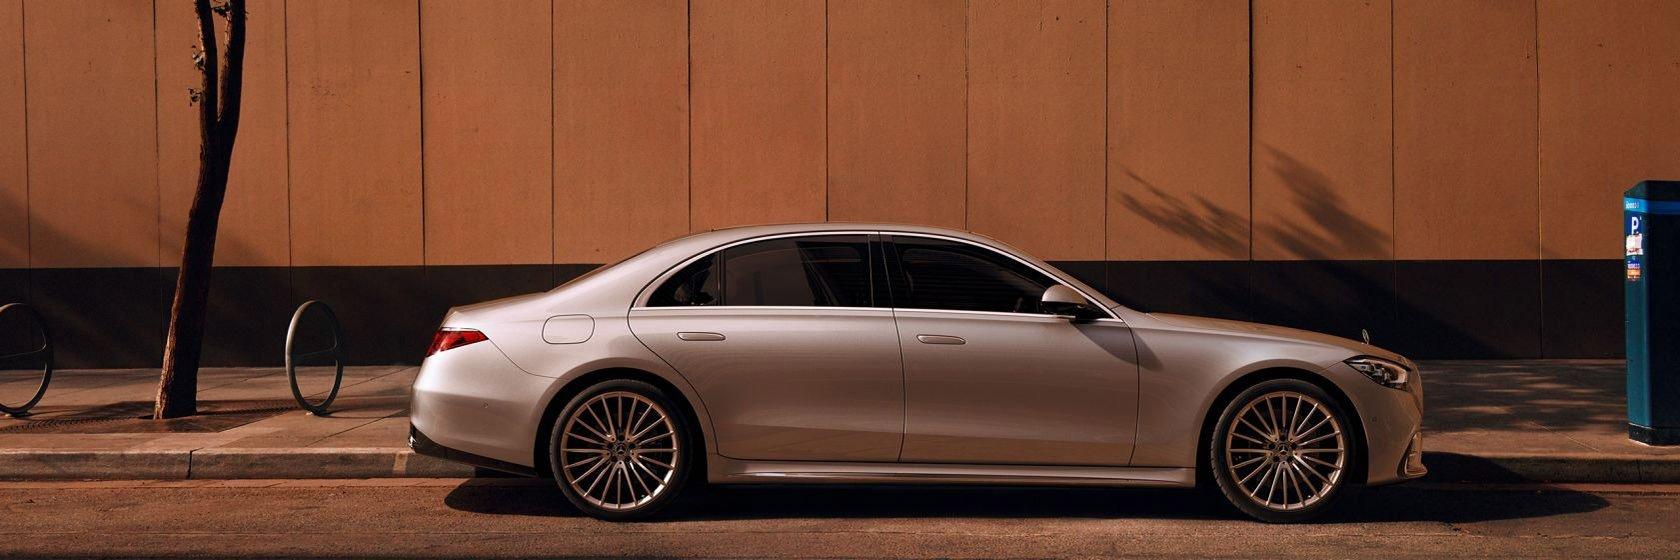 Mercedes-Benz S-Класу